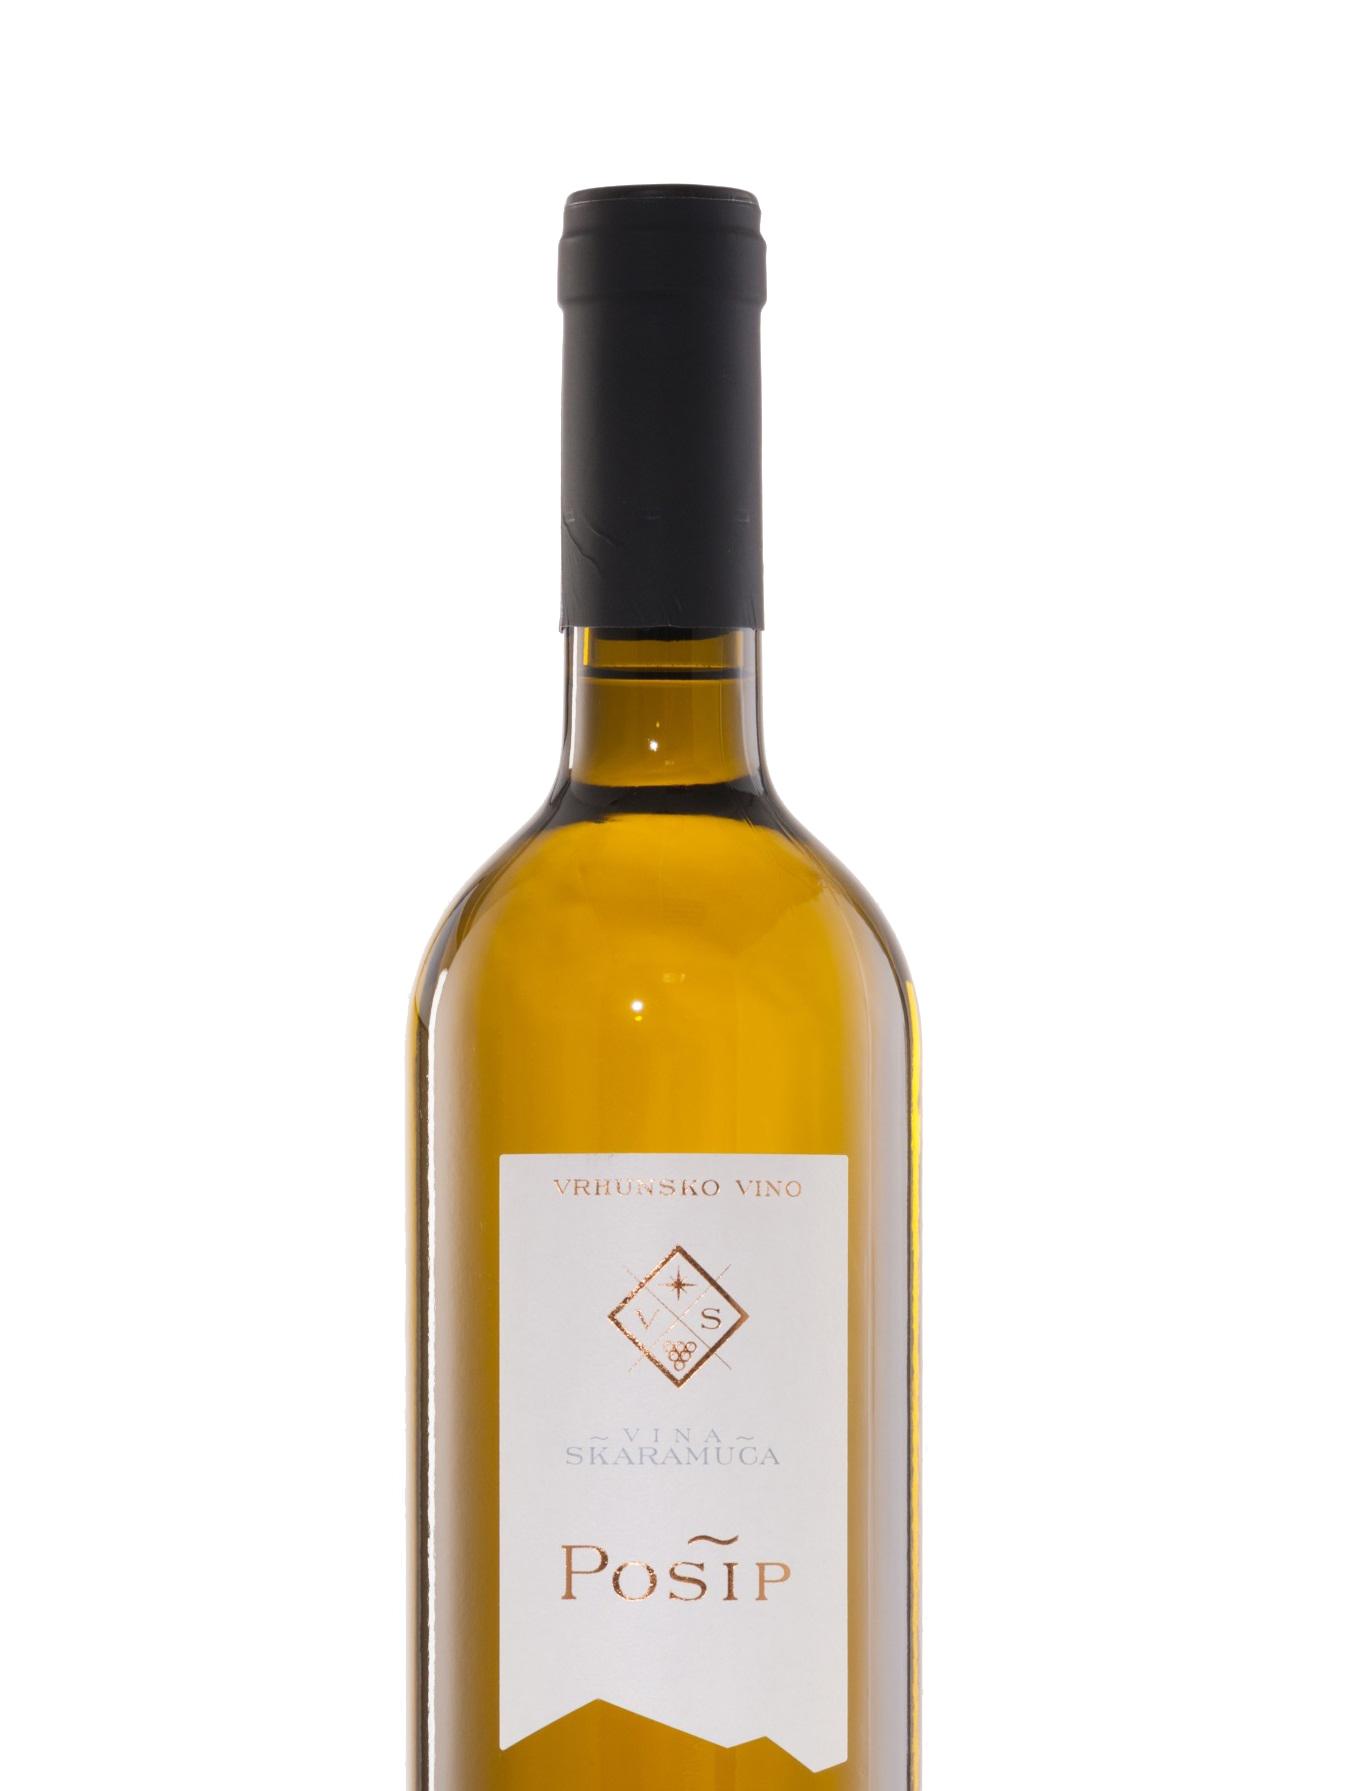 posip vrhunsko vino dingac skaramuca